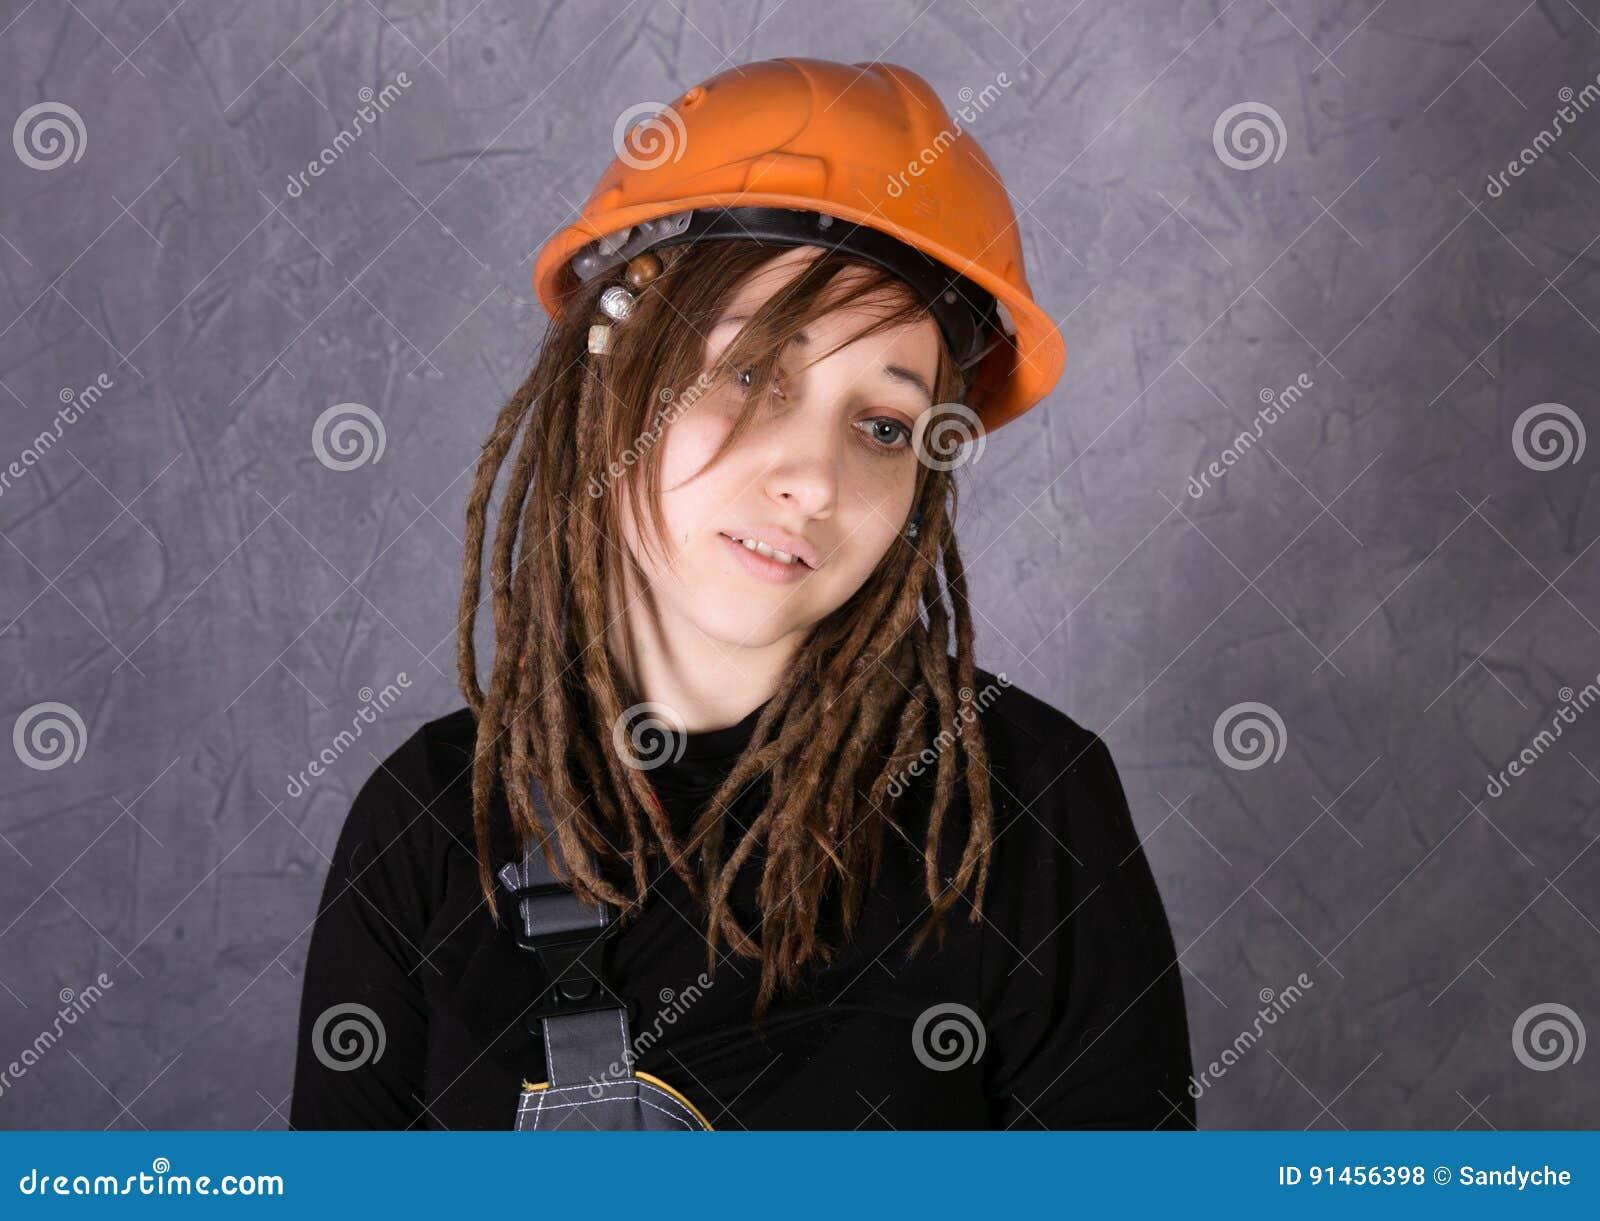 Κορίτσι στο πορτοκαλί εργαλείο σφυριών εκμετάλλευσης φανέλλων κρανών ασφάλειας